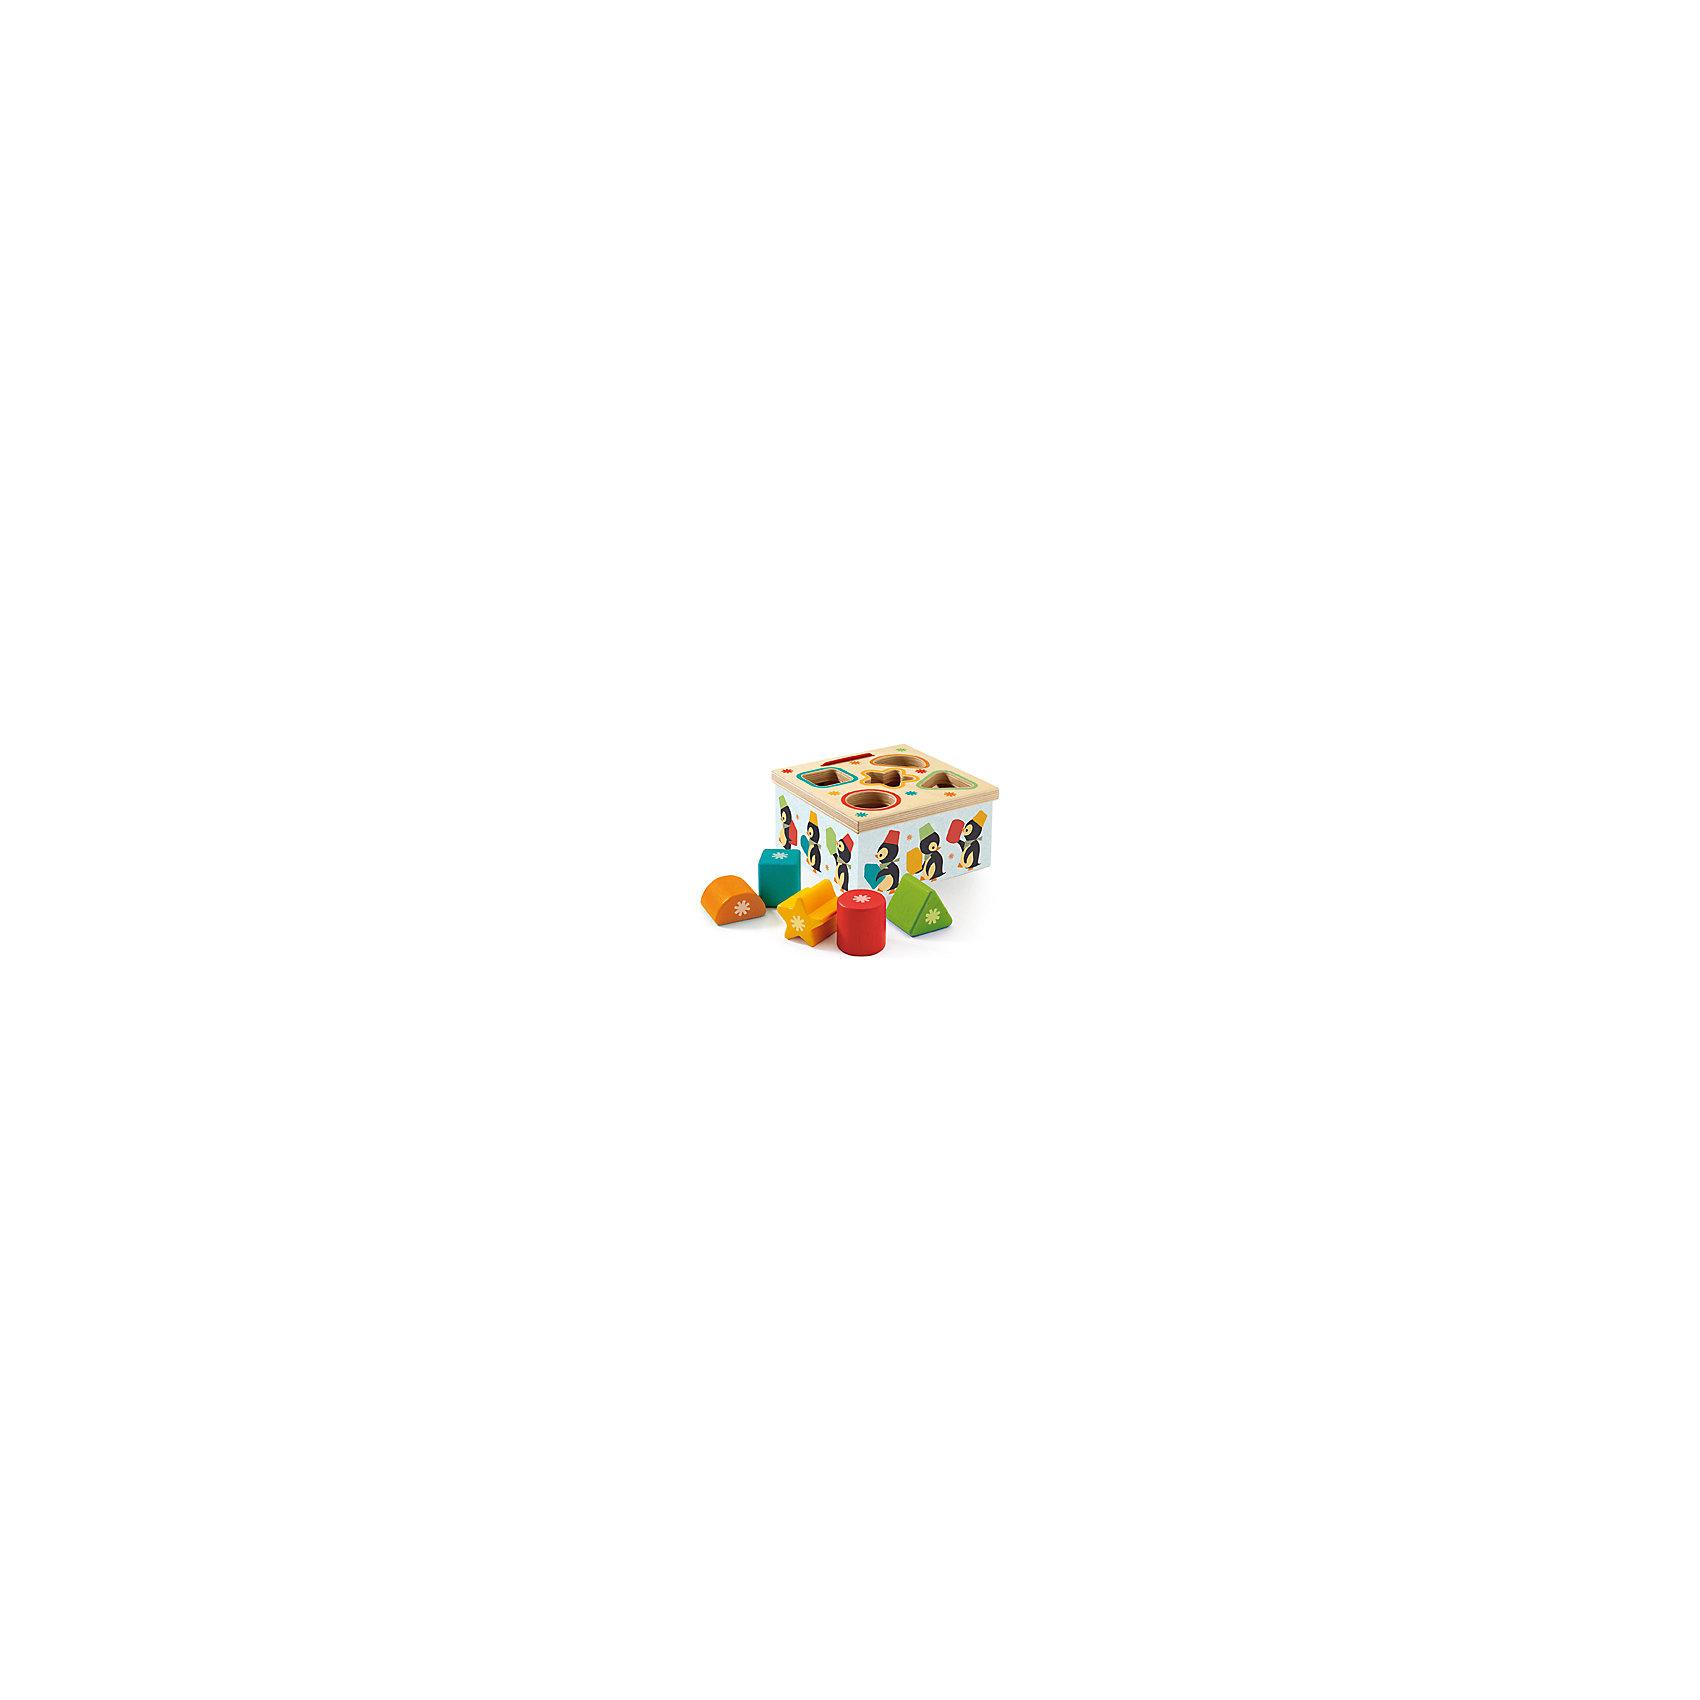 DJECO Сортер Пингвин, DJECO развивающая игрушка djeco зверюшки попрыгунчики пастель 06105